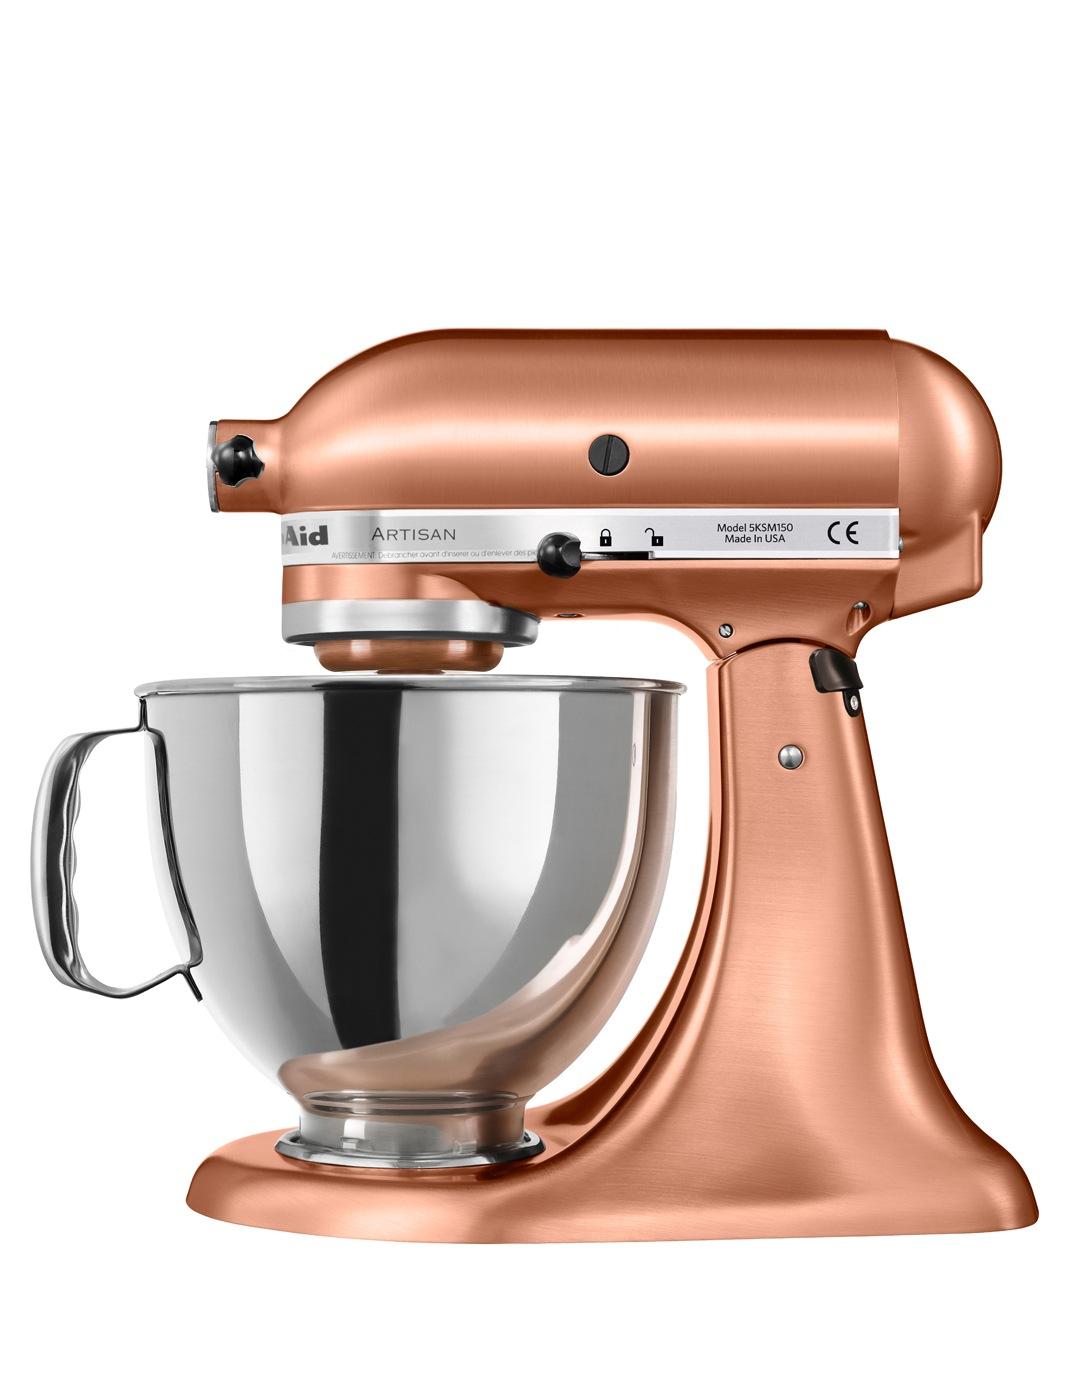 KitchenAid   KSM150 Artisan Stand Mixer   Satin Copper 5KSM150PSACP